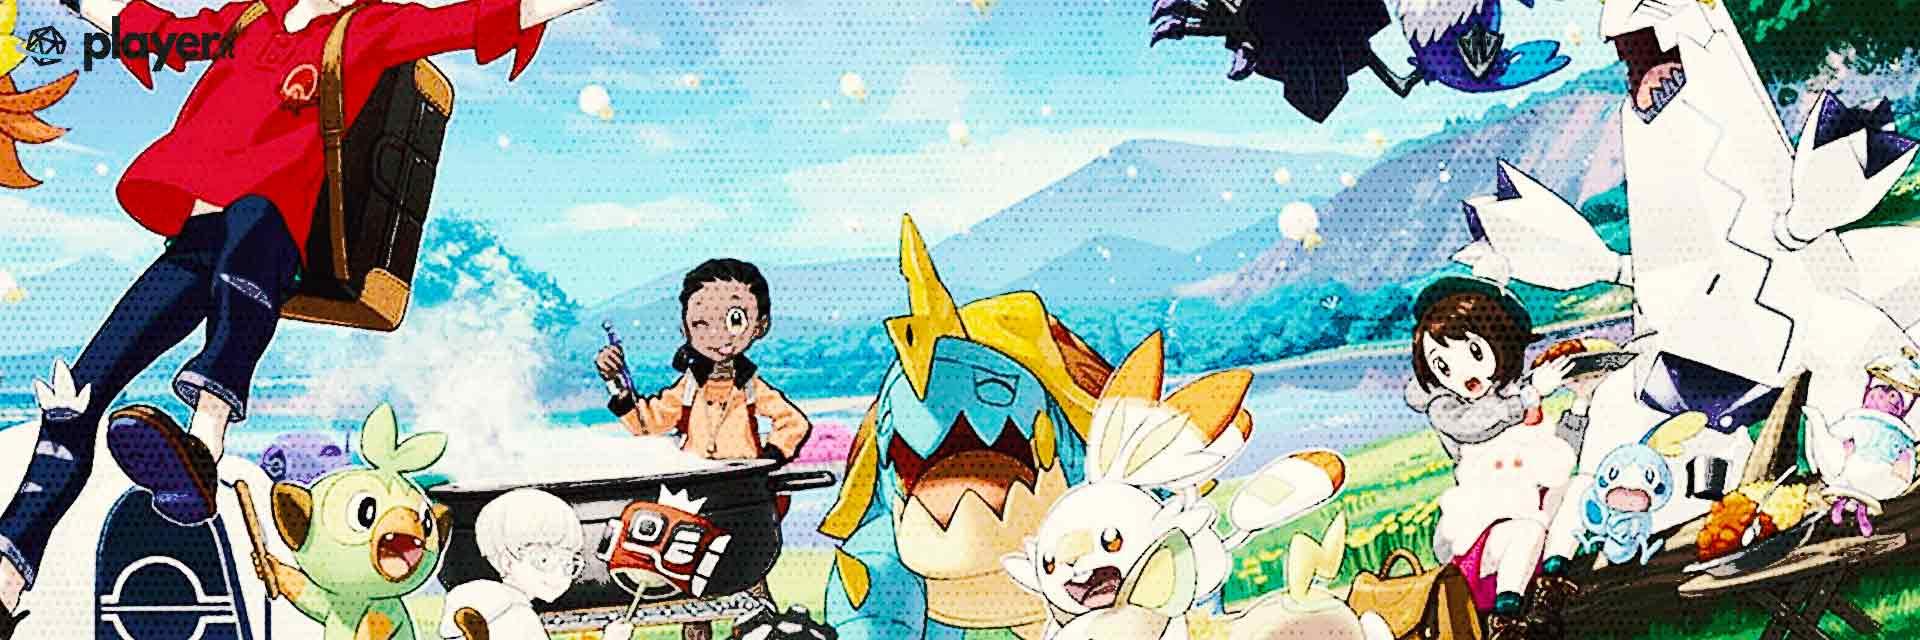 pokemon spada e scudo wallpaper del gioco